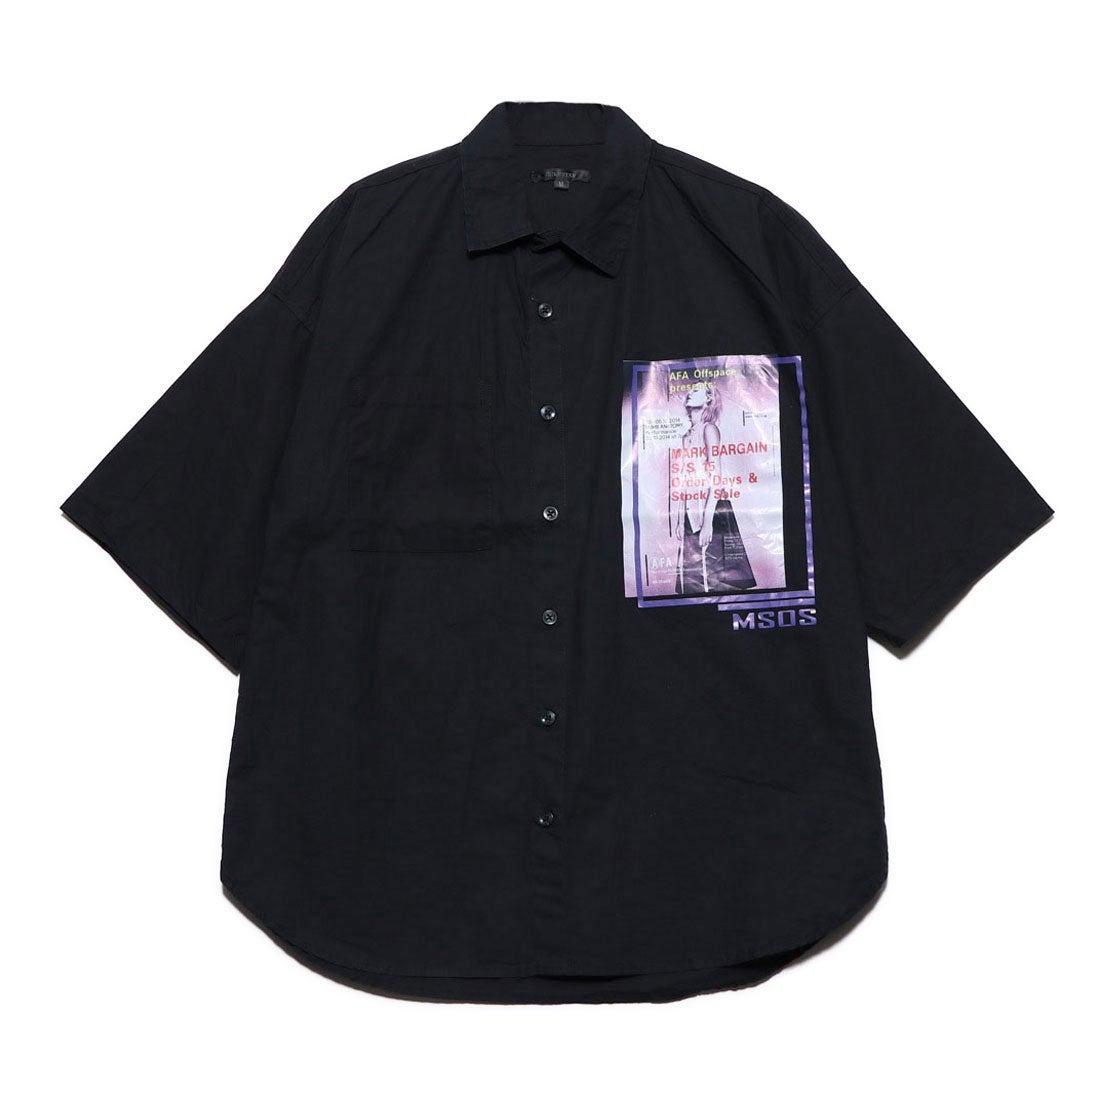 ロコンド 靴とファッションの通販サイトスタイルブロック STYLEBLOCK フォト付きタイプライター半袖ビッグシャツ (ブラック)